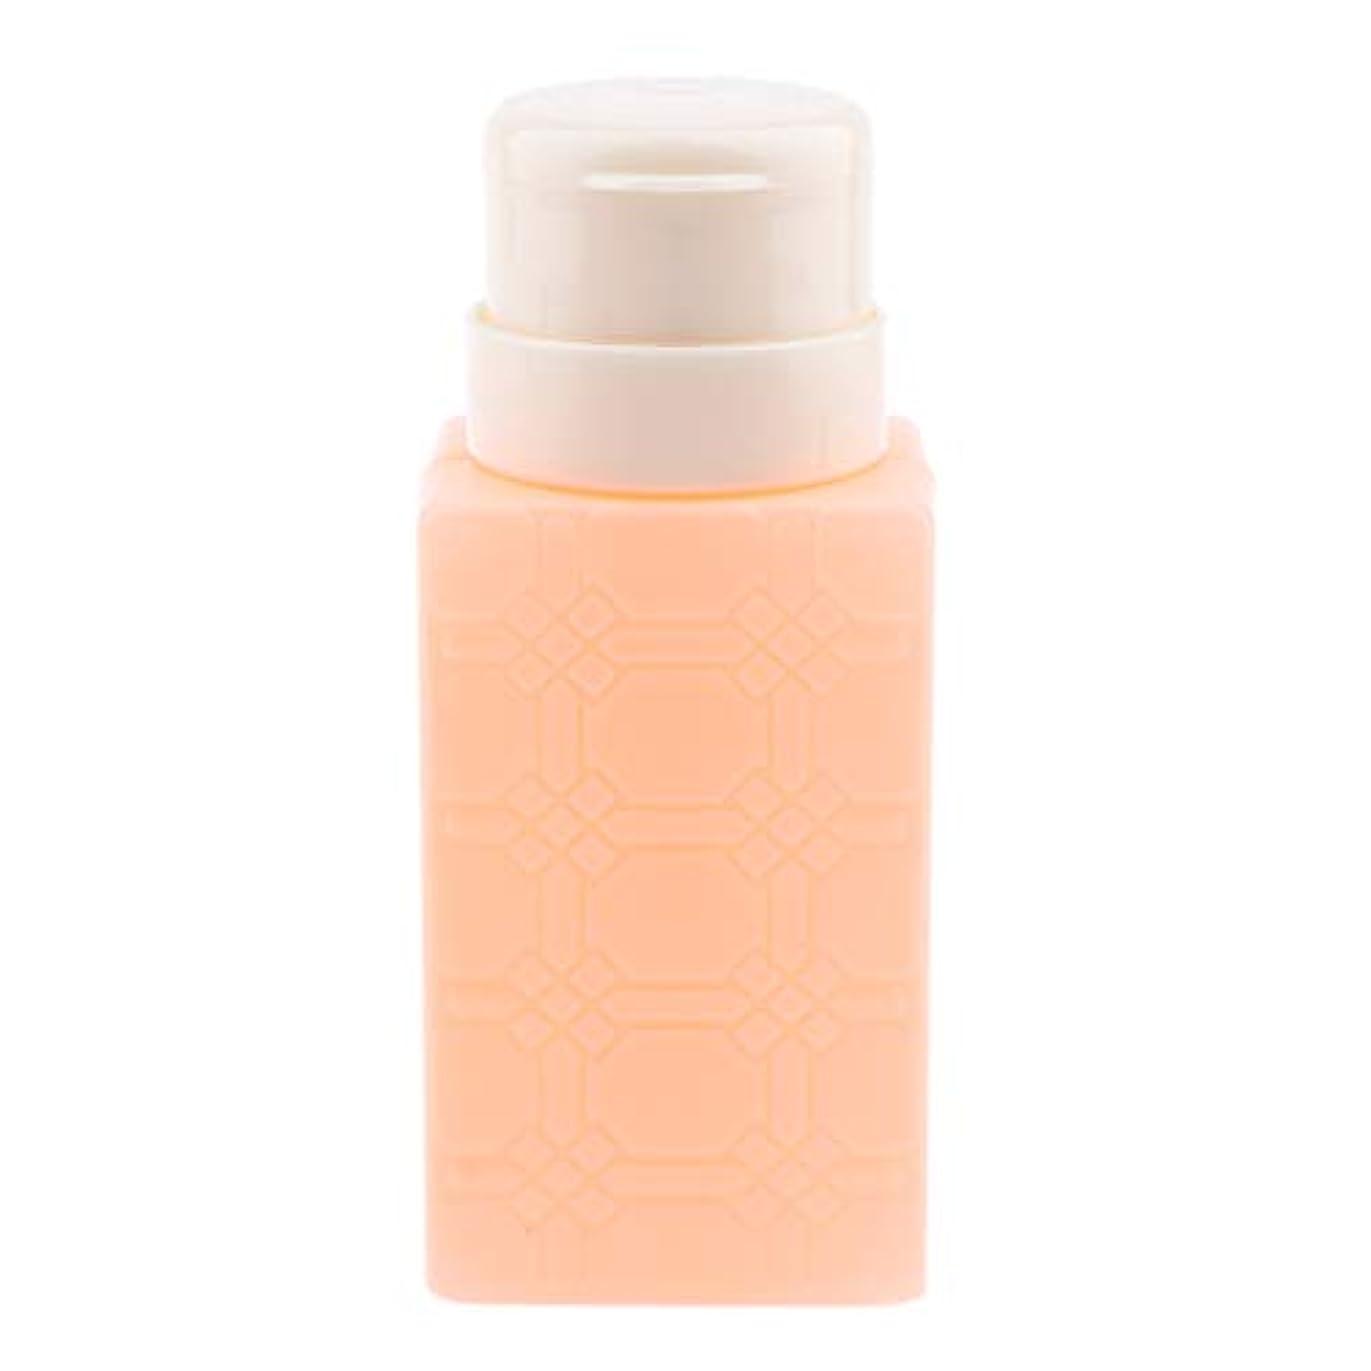 謝る長くする200ml ネイルアート ディスペンサーポンプボトル ネイルサロン 4色選べ - オレンジ